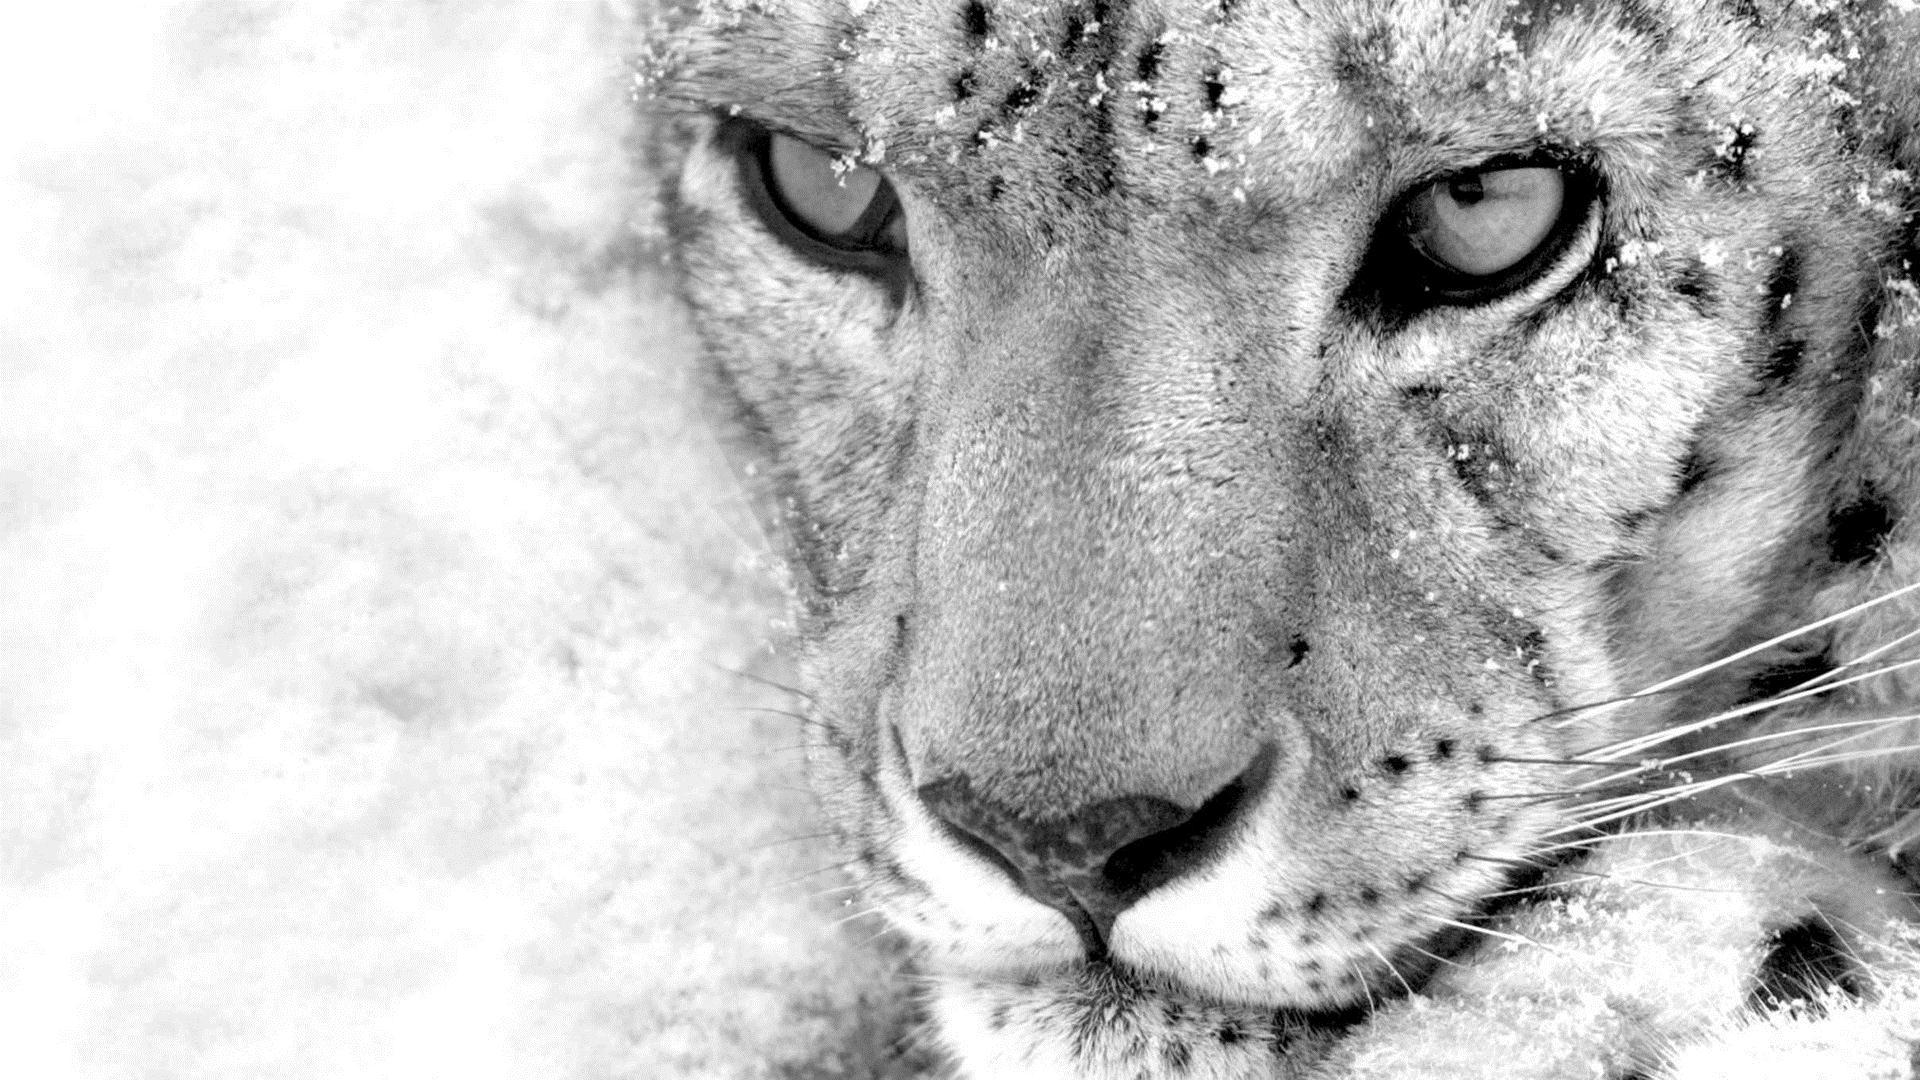 image - snow-leopard-wallpaper | naruto-fanon central wiki